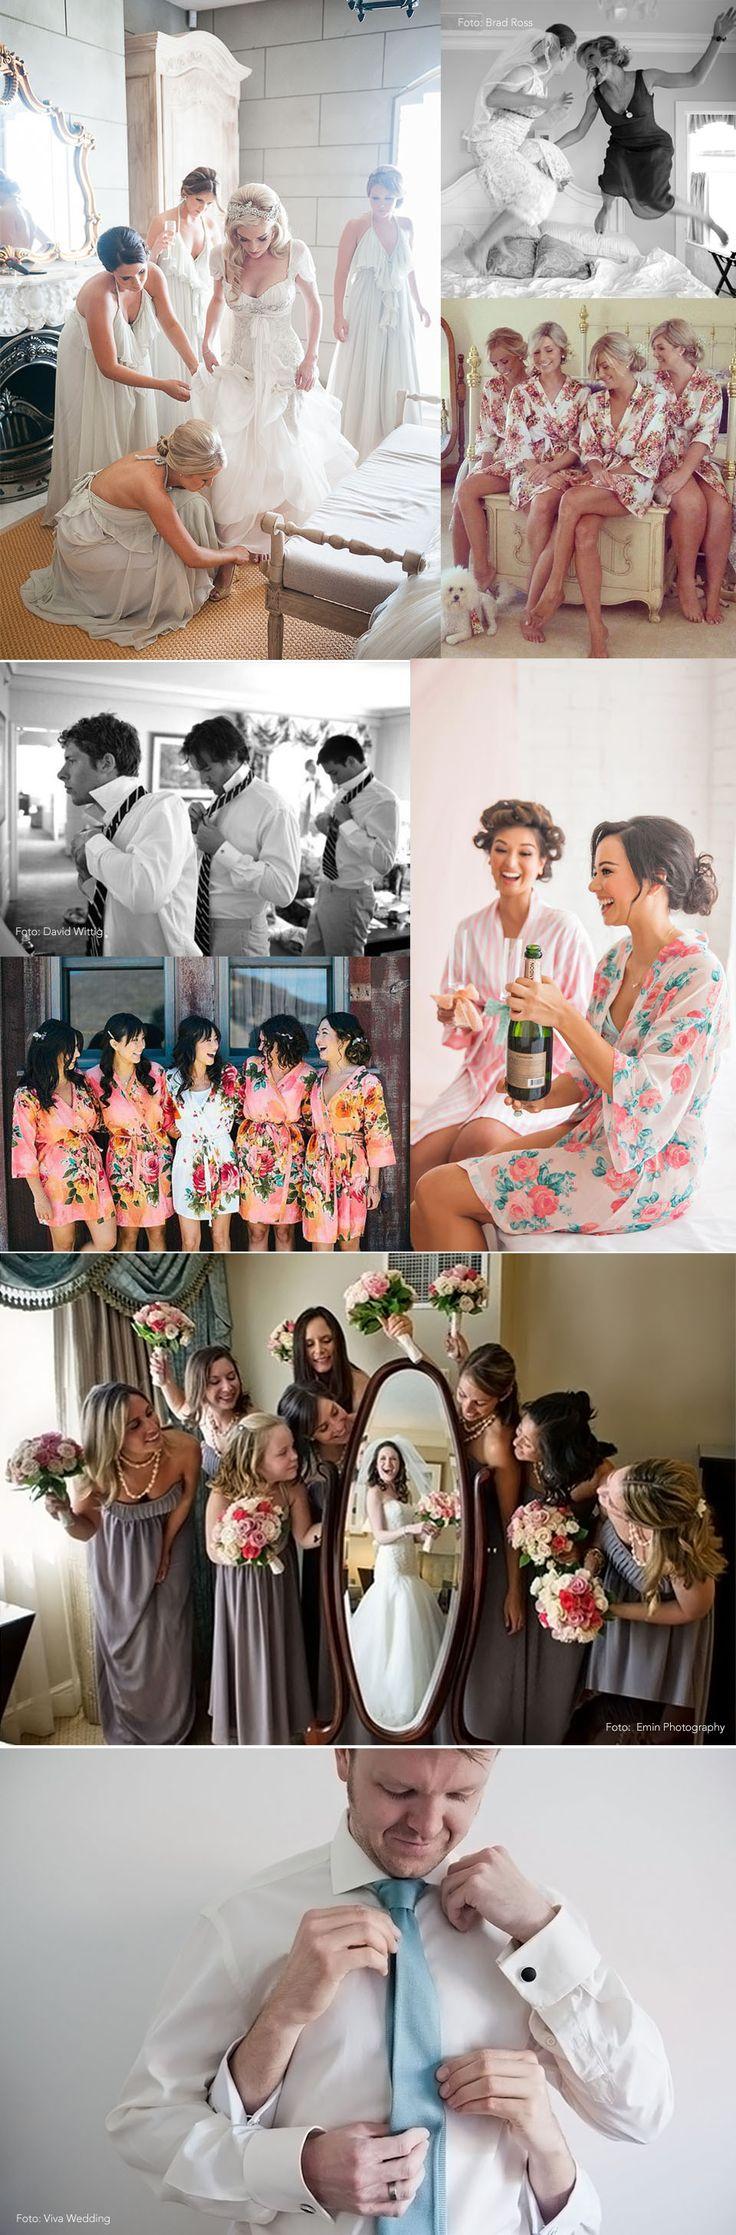 As fotos tradicionais e clássicas do casamento são mais do que necessárias. A foto das madrinhas e padrinhos lado a lado é insubstituível. Mas, depois